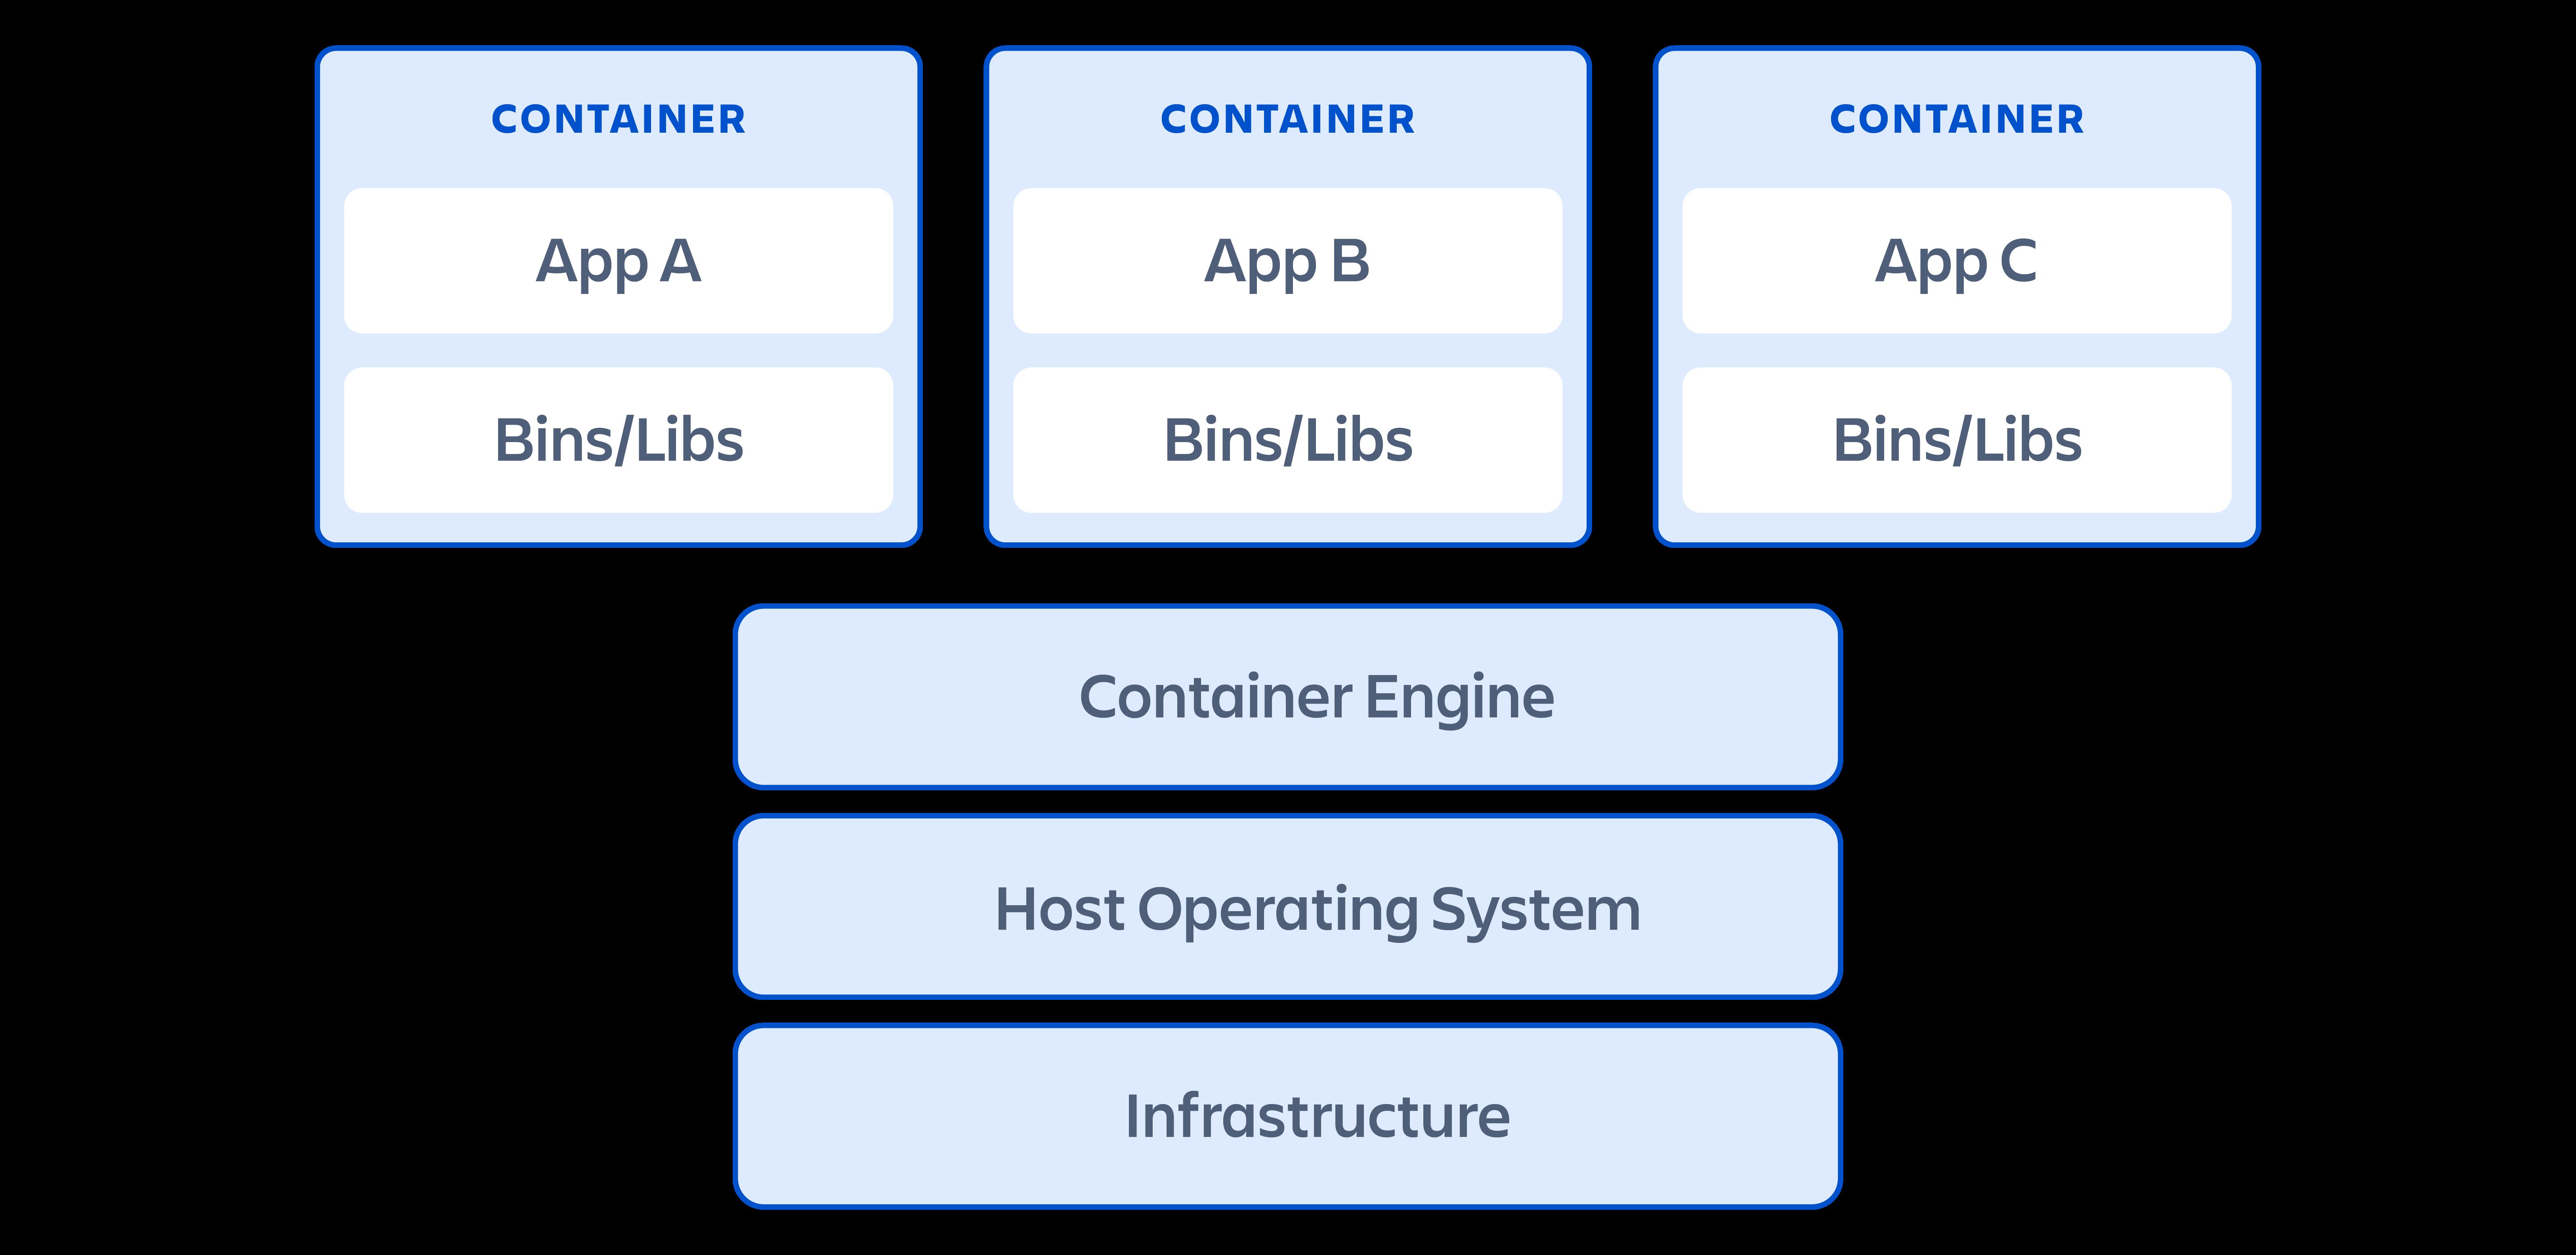 Схема, показывающая, как структурированы контейнеры